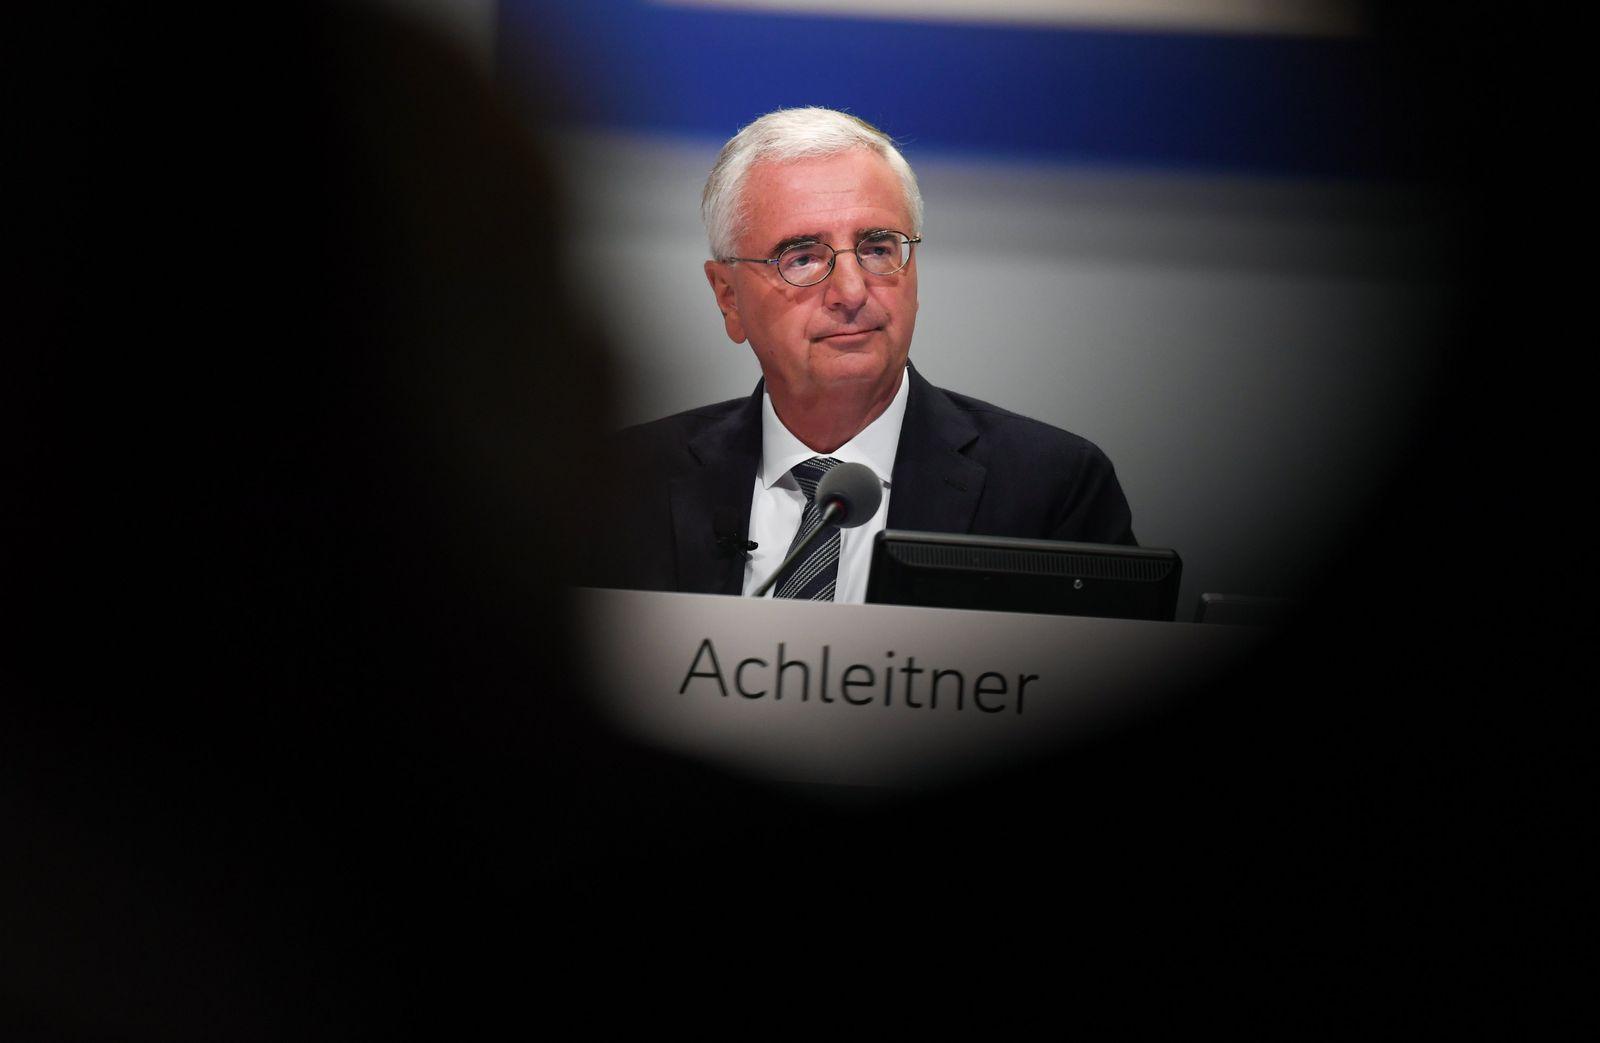 Hauptversammlung Deutsche Bank / Paul Achleitner